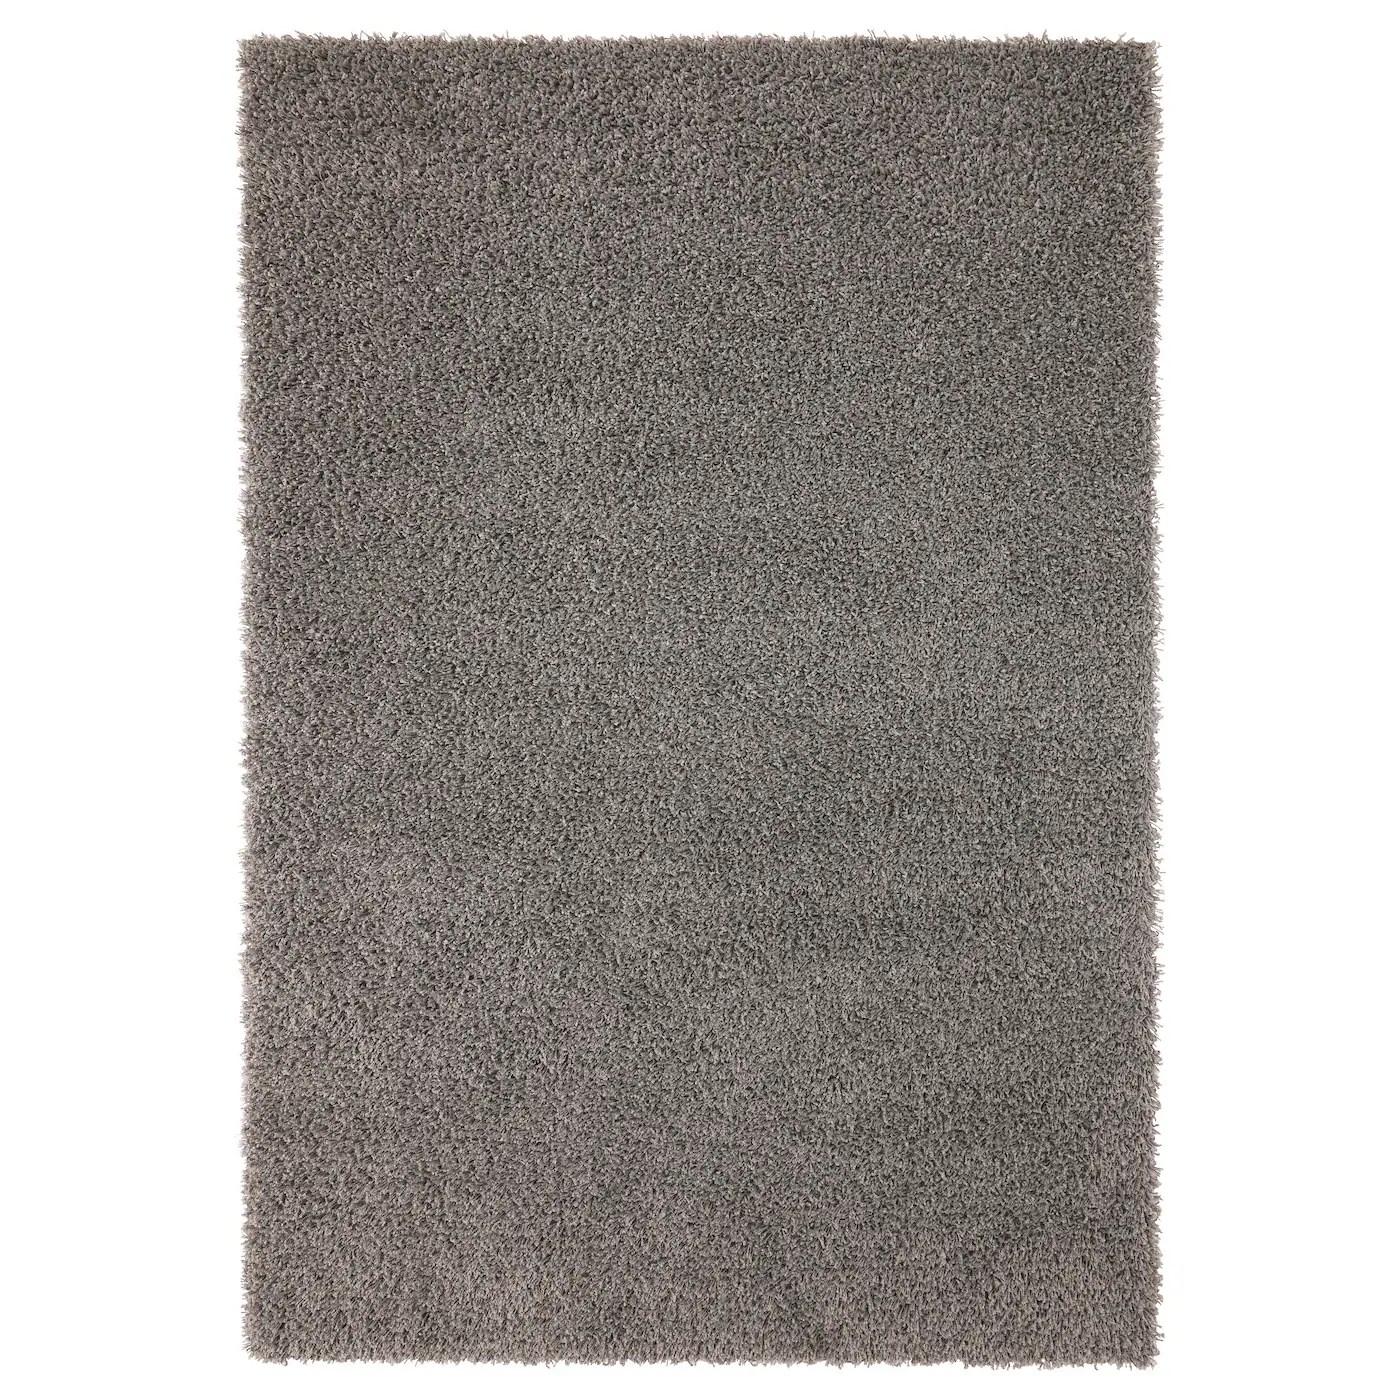 hampen tapis a poils longs gris 4 4 x6 5 133x195 cm